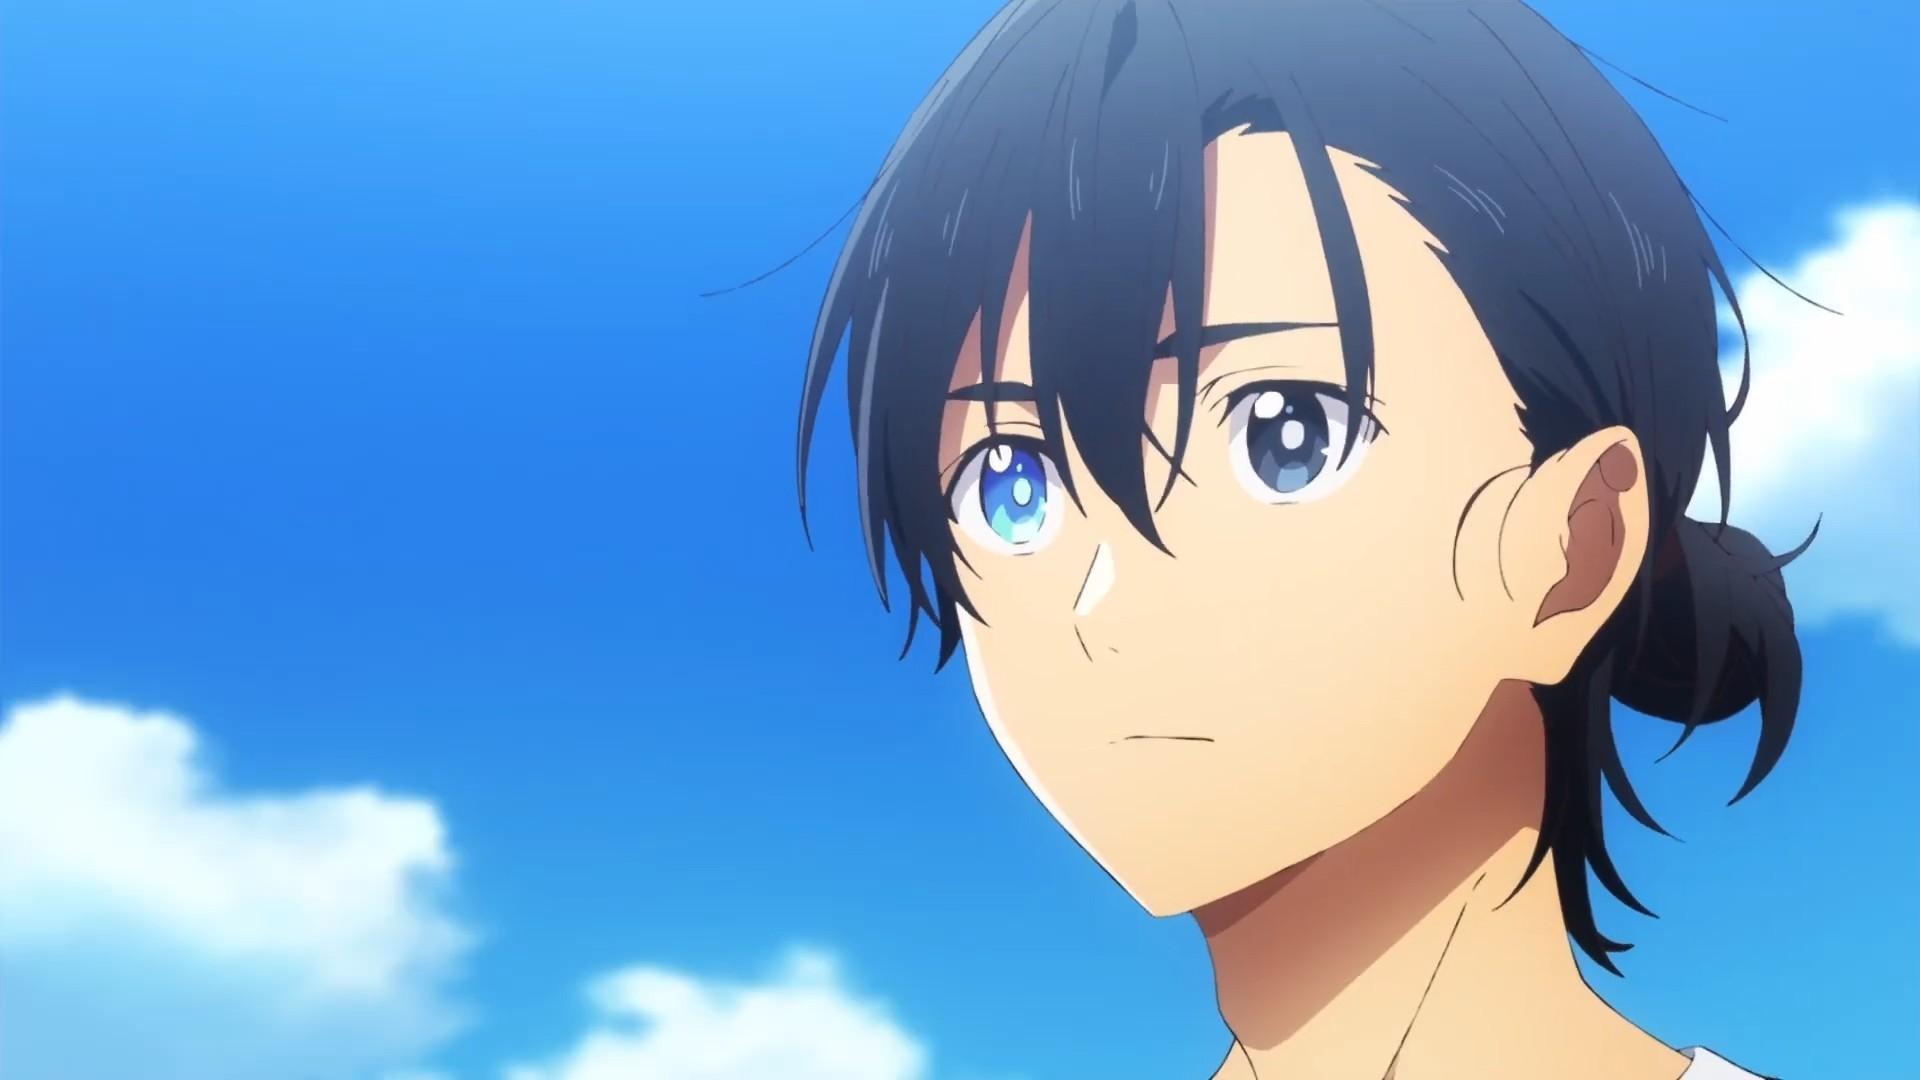 【情报】TV动画《夏日重现》公开特报PV,本作将于2022年播出。